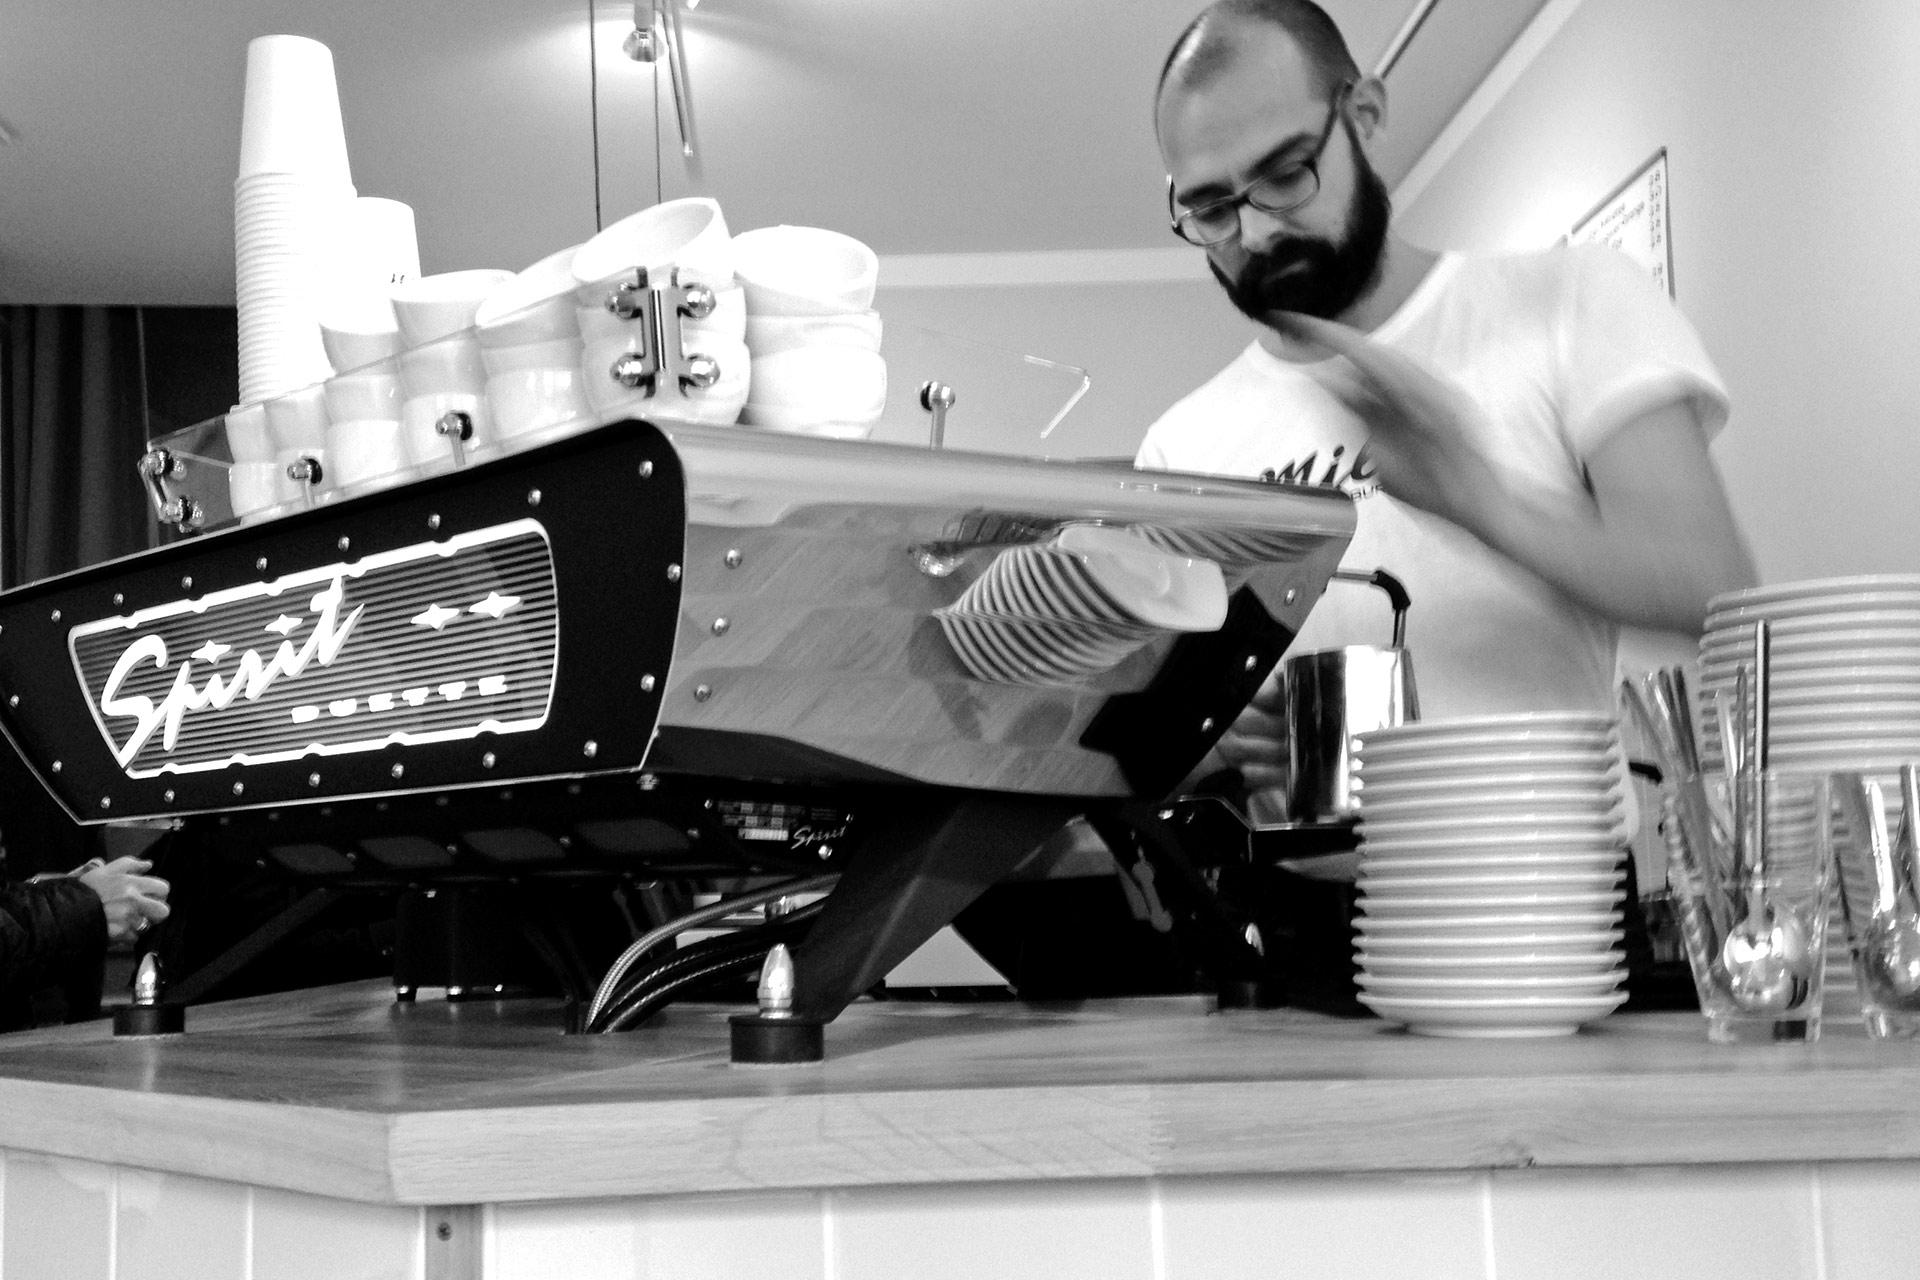 KOFFEIN IM BLUT: Ein Espresso ist Rennradkultur und macht Druck – handgefertigte Espressomaschine aus Skandinavien in der Caffèteria MILCH in Hamburg © stefandrexl.de